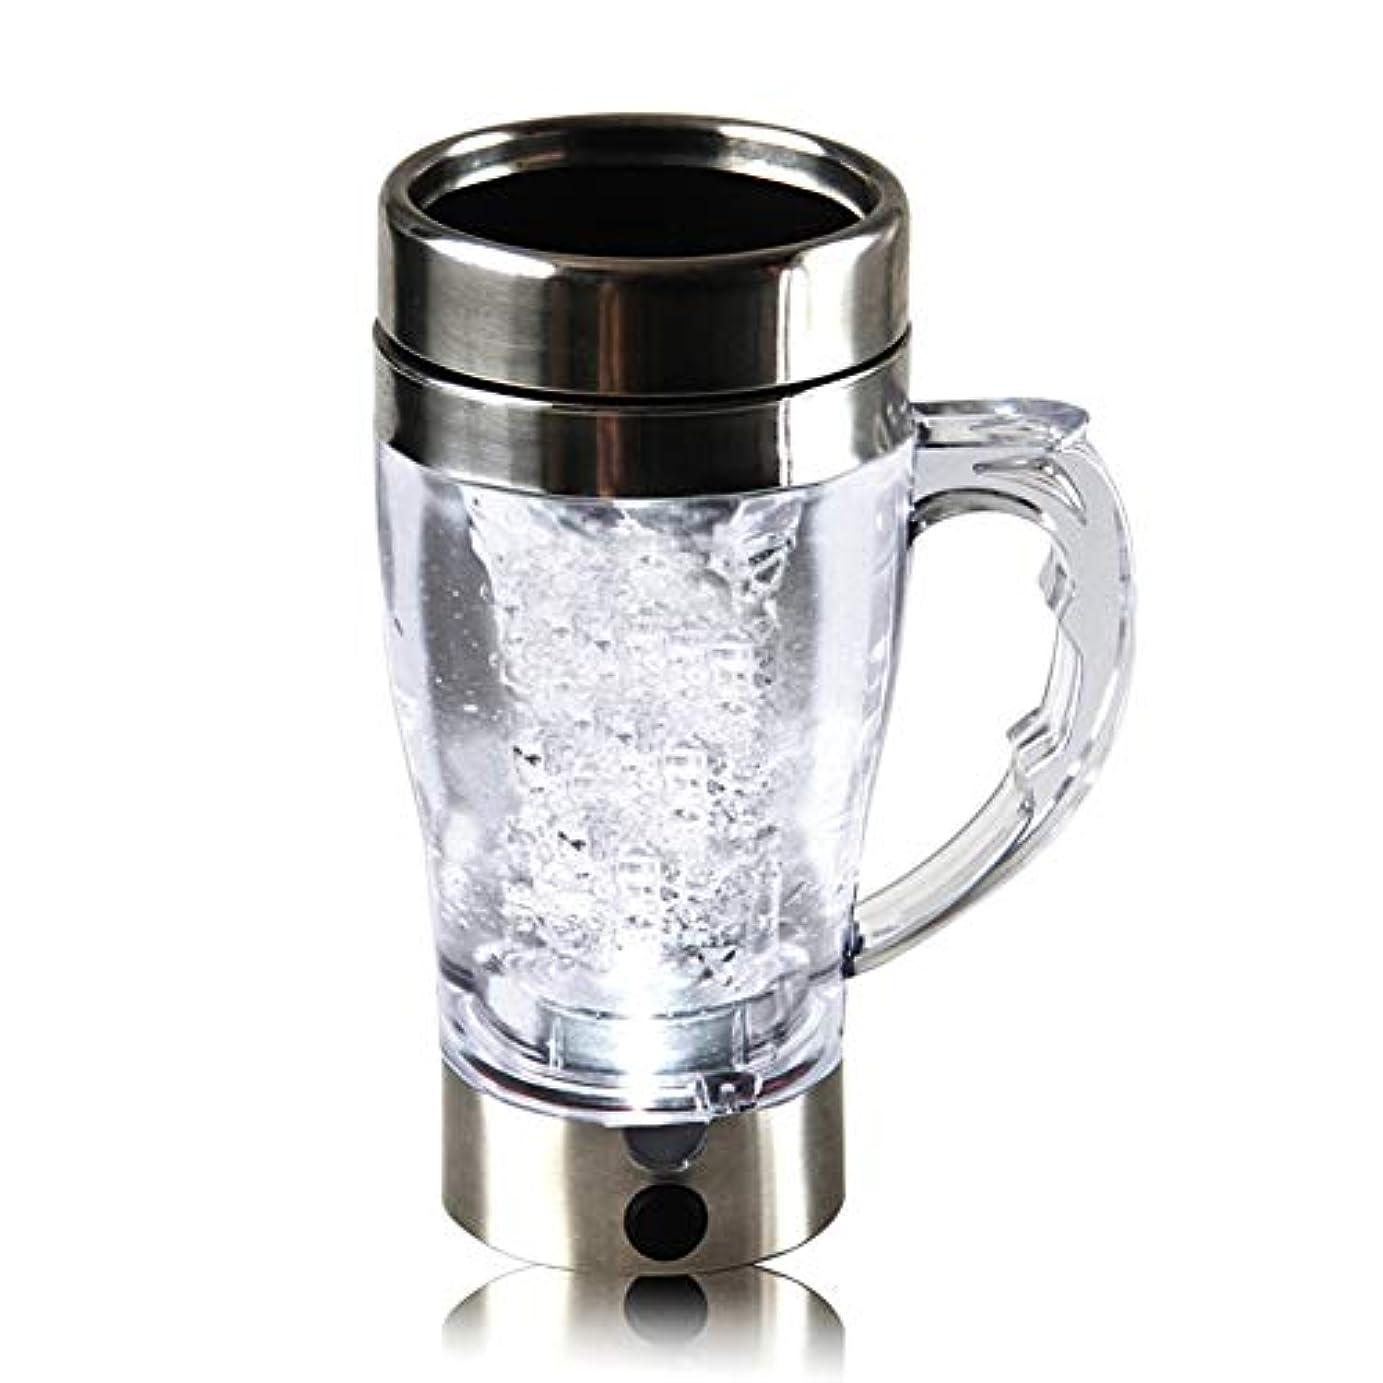 ムスヘッドレスルーBULemon自動ミキシングコーヒーミルク動シェーカー プロテインシェイカー シェーカーボトル 電動 耐熱 コーヒーミキサー オートミキシング ボトルブレンダー